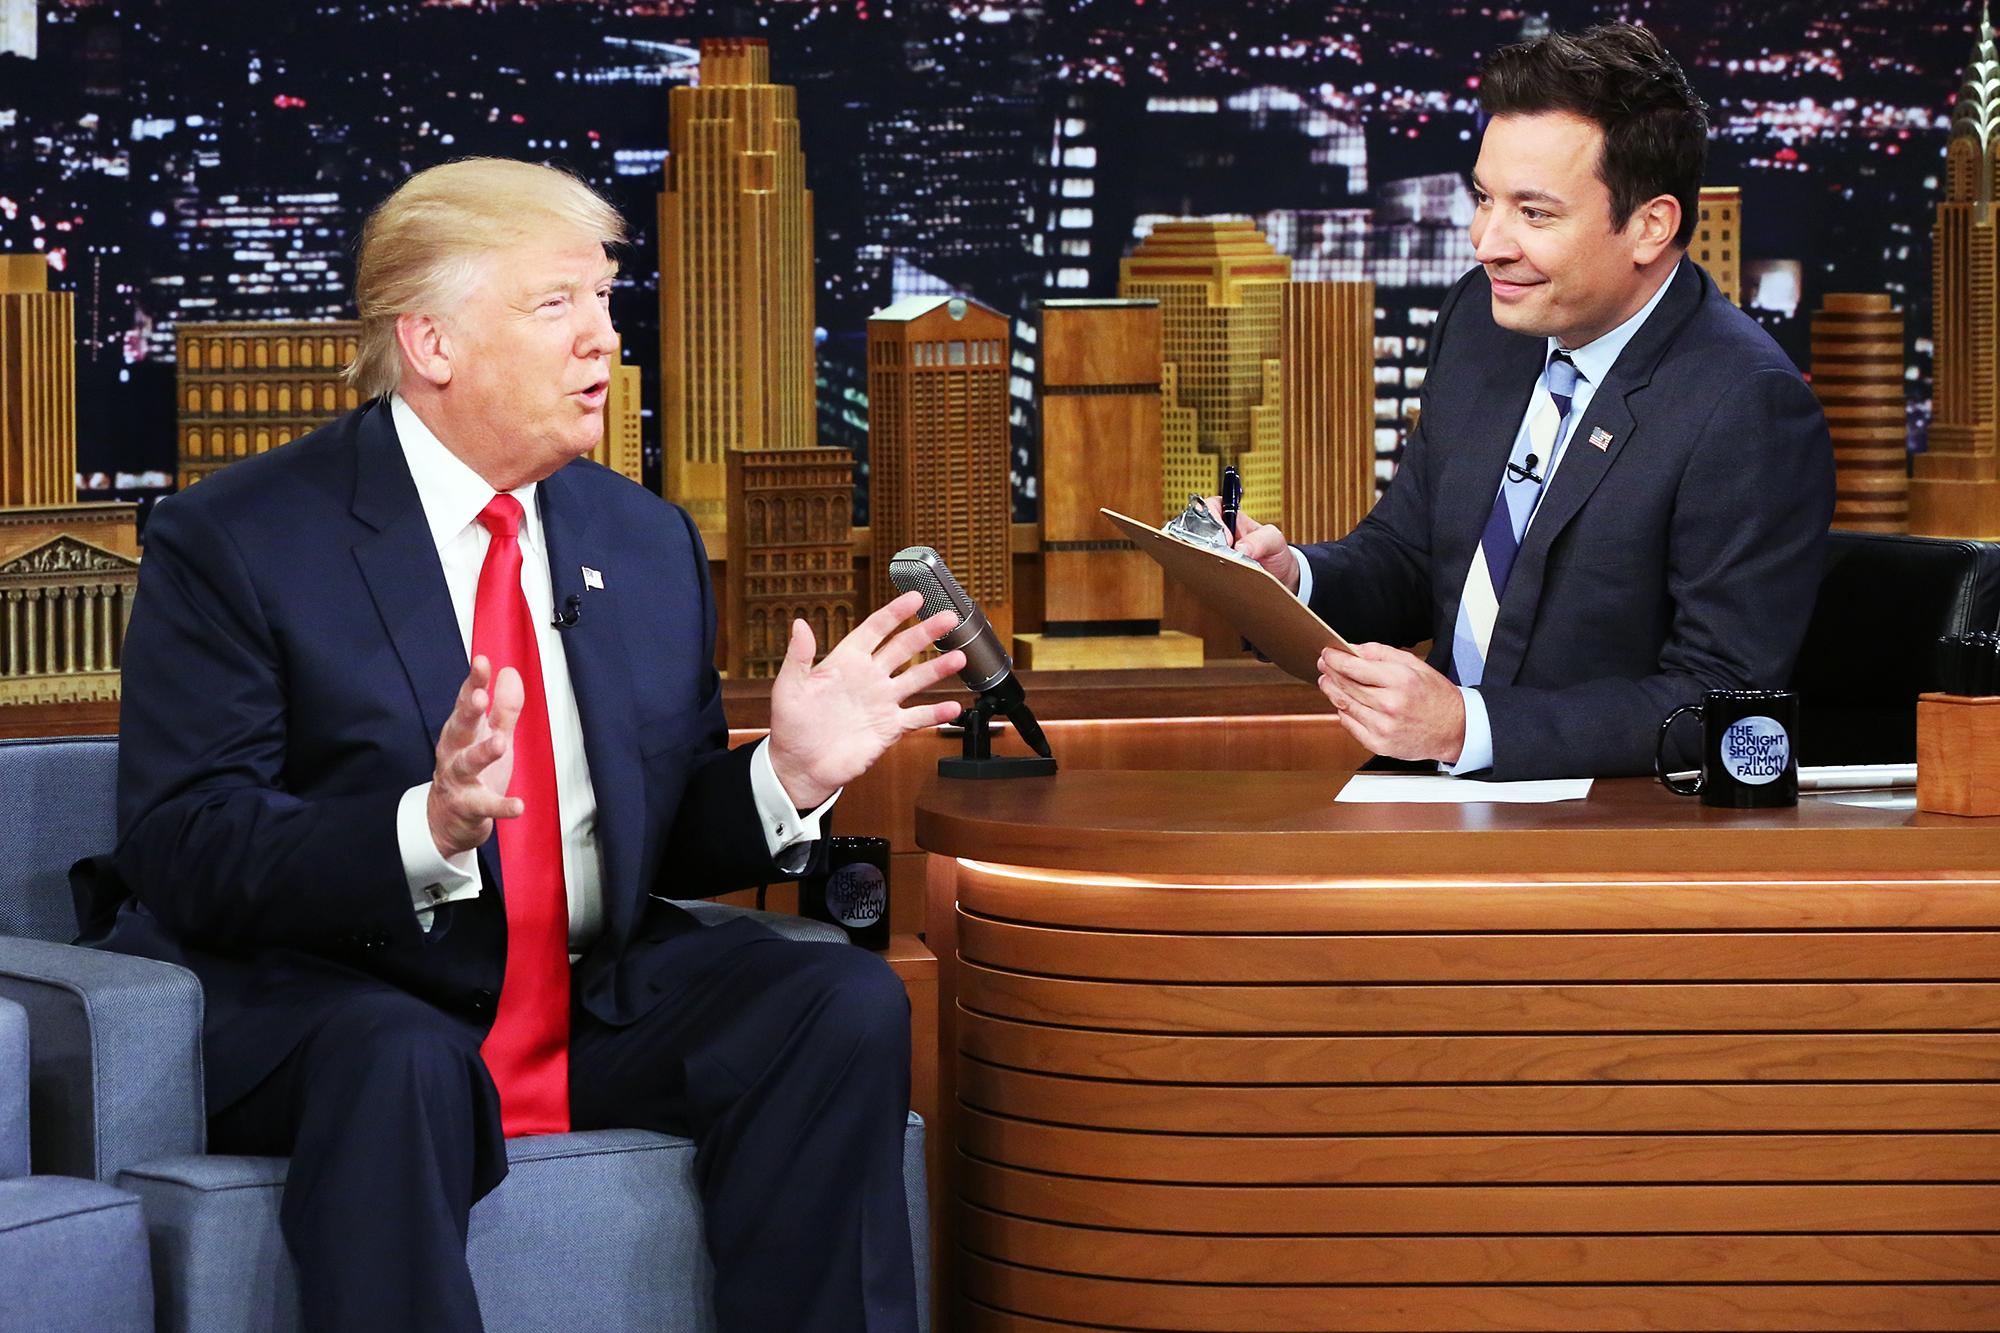 Donald Trump Slams Jimmy Fallon